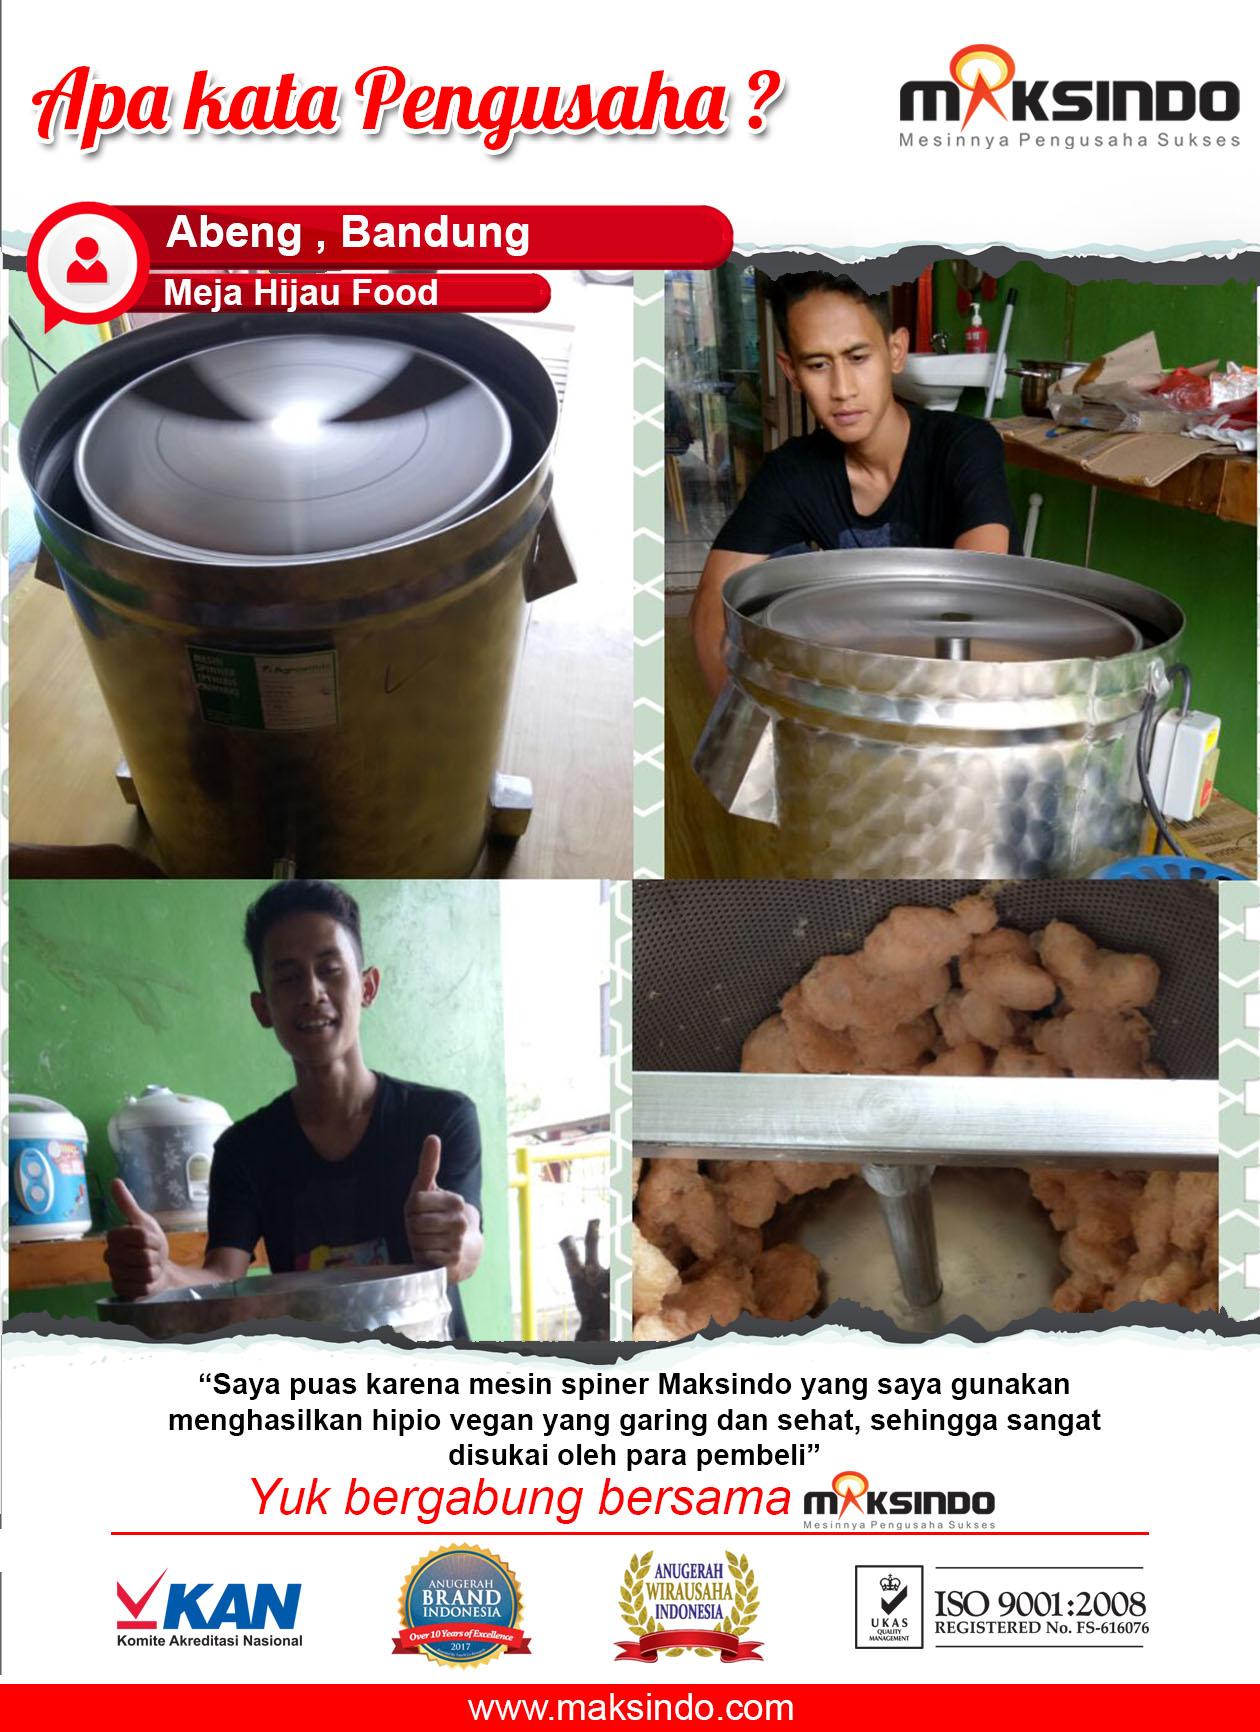 Meja Hijau Food : Hasil Produk Garing dan Sehat dengan Spinner dari Maksindo